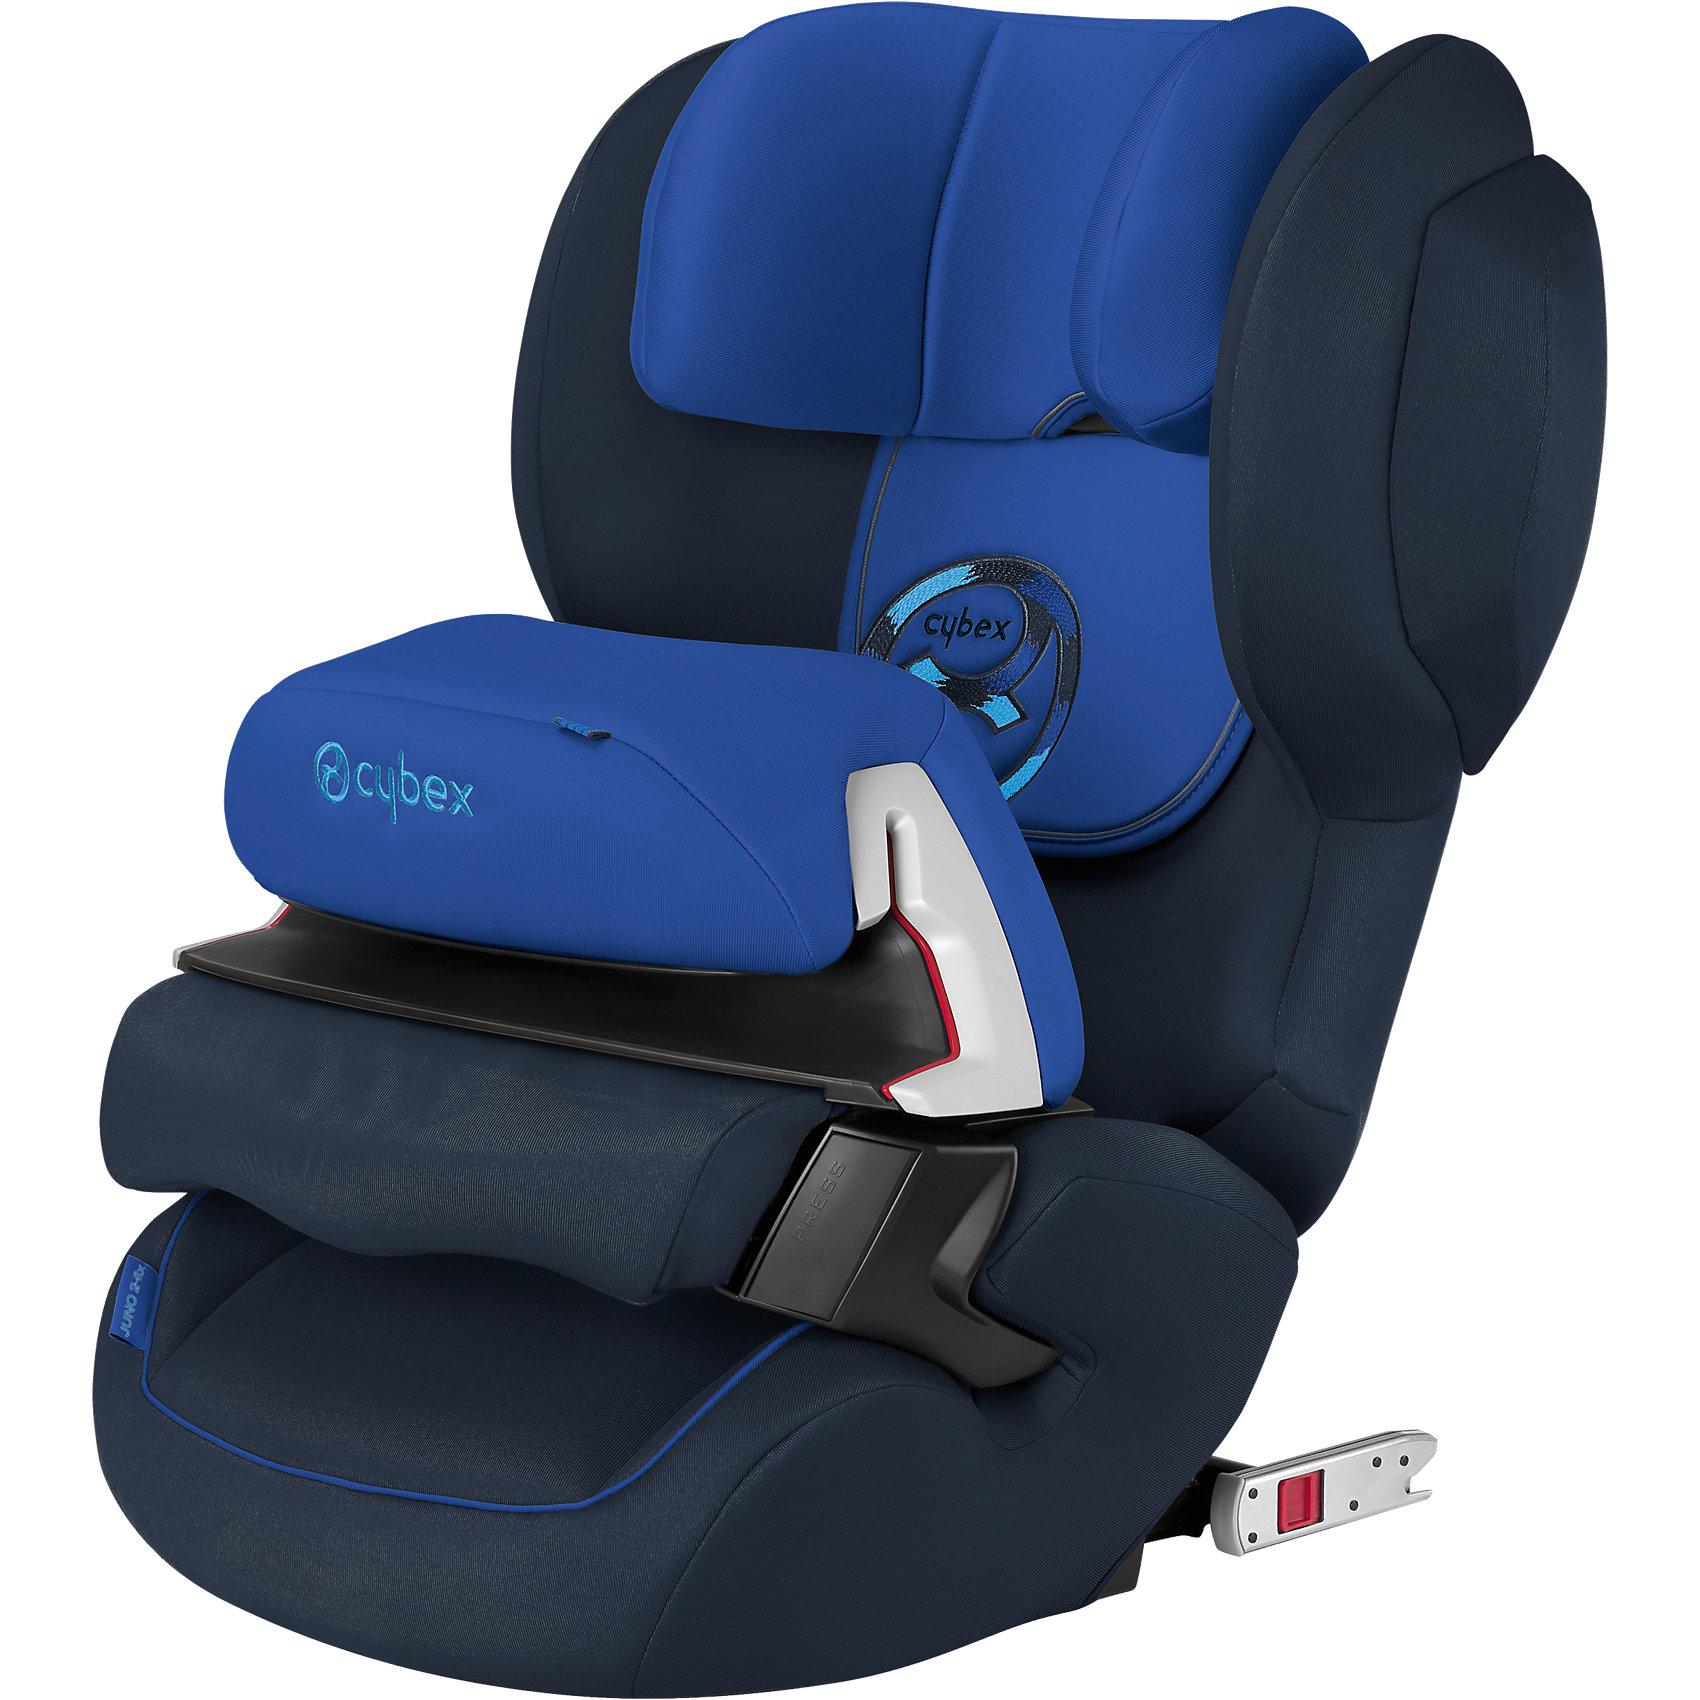 Автокресло Juno 2-Fix, 9-18 кг., Cybex, Royal Blue 2016Высокотехнологичное надежное автокресло позволит перевозить ребенка, не беспокоясь при этом о его безопасности. Оно предназначено для предназначено для детей весом от 9 до 18 килограмм. Такое кресло обеспечит малышу не только безопасность, но и комфорт (регулируемый угол наклона и высота подголовника). Вместо пятиточечных ремней ребенок фиксируется при помощи защитного столика, не ограничивая ему свободы движений<br>Автокресло устанавливают по ходу движения. Такое кресло дает возможность свободно путешествовать, ездить в гости и при этом  быть рядом с малышом. Конструкция - очень удобная и прочная. Изделие произведено из качественных и безопасных для малышей материалов, оно соответствуют всем современным требованиям безопасности. Оно отлично показало себя на краш-тестах.<br> <br>Дополнительная информация:<br><br>цвет: синий;<br>материал: текстиль, пластик;<br>вес ребенка:  9 до 18 кг;<br>регулируемая подушка безопасности;<br>регулируемый по высоте подголовник;<br>усовершенствованная система циркуляции воздуха;<br>встроенный ящик для мелочей:<br>съемный чехол;<br>по мере взросления ребенка трансформируется в бустер; <br>регулировка положения автокресла одной рукой;<br>регулируемый угол наклона;<br>можно использовать со штатными ремнями или с дополнительной базой;<br>7-позиционный регулируемый по высоте подголовник;<br>крепление по ходу движения;<br>система защиты от боковых ударов;<br>соответствие Европейскому стандарту безопасности ЕСЕ R44/04.<br><br>АвтокреслоJuno 2-Fix, 9-18 кг., Royal Blue, от компании Cybex можно купить в нашем магазине.<br><br>Ширина мм: 647<br>Глубина мм: 474<br>Высота мм: 426<br>Вес г: 8386<br>Цвет: синий<br>Возраст от месяцев: 9<br>Возраст до месяцев: 36<br>Пол: Мужской<br>Возраст: Детский<br>SKU: 4284840